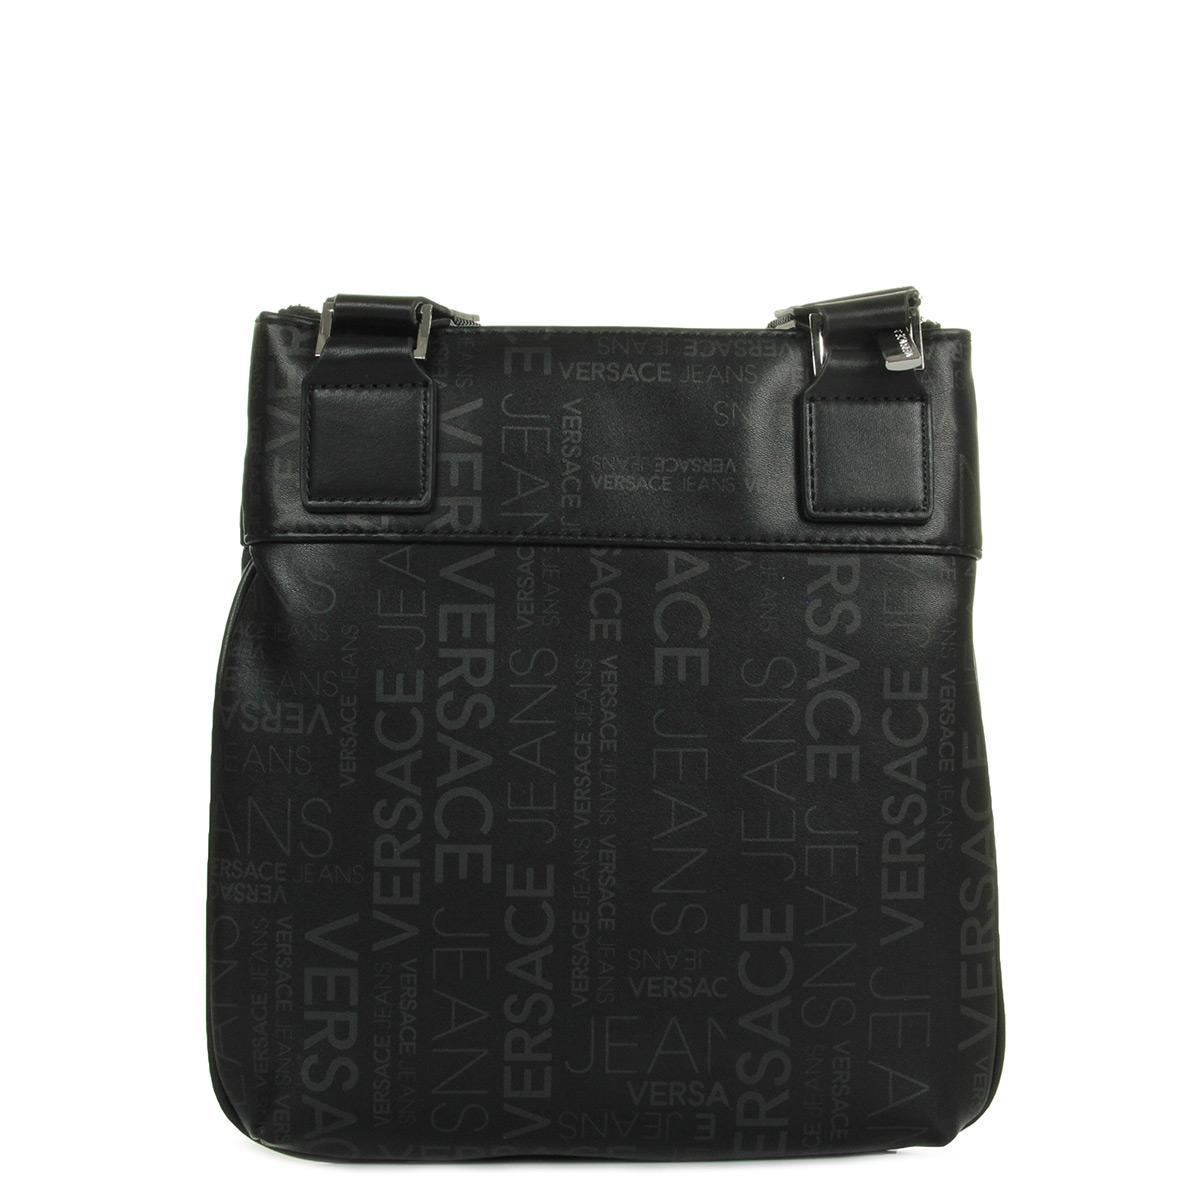 e4719e40e8 Sacs bandoulière Versace Jeans unisexe Linea Logo All Over Dis 5 ...